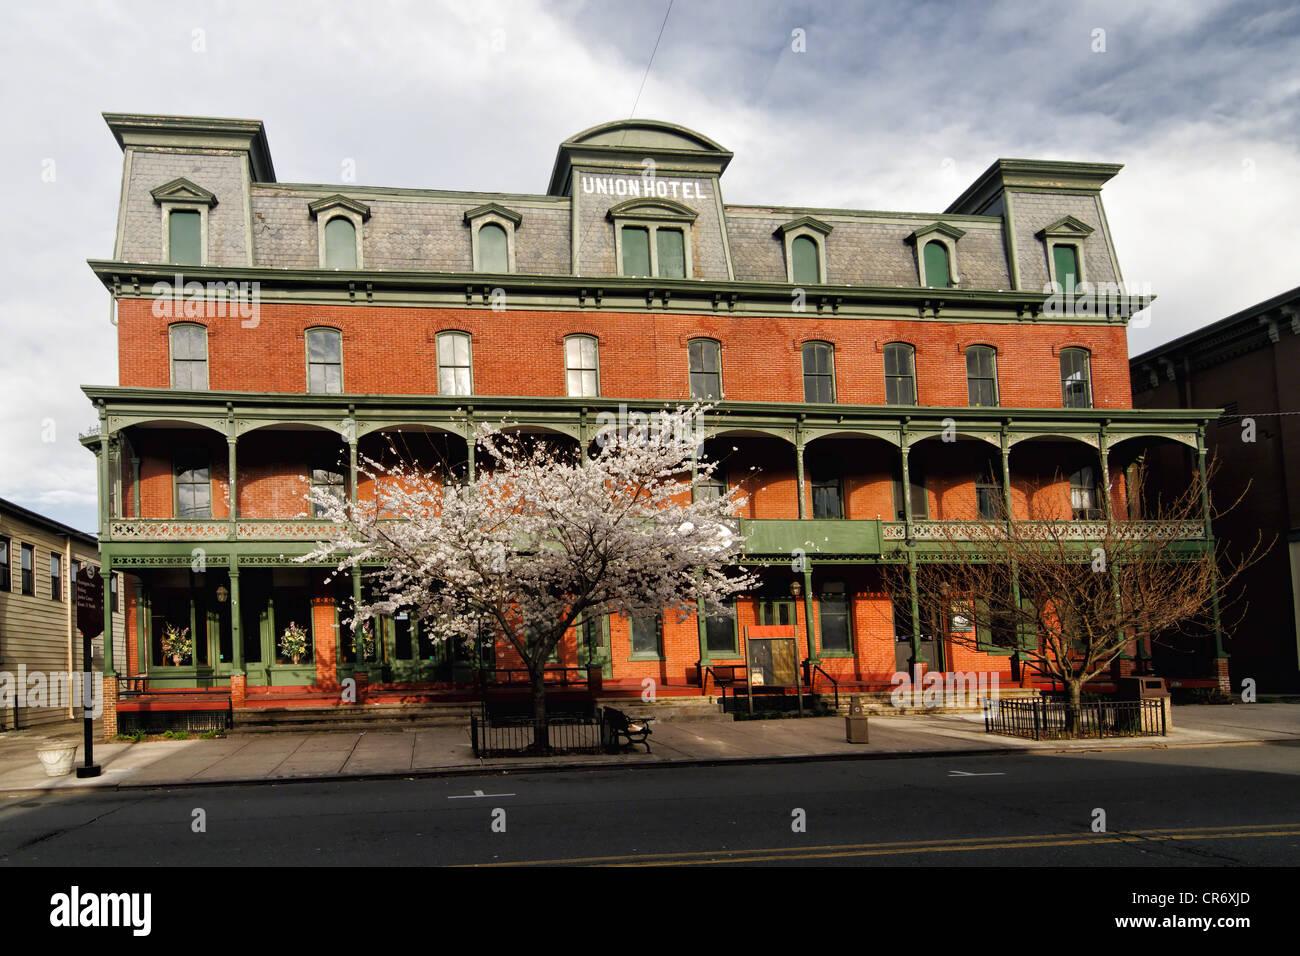 Vue frontale de l'Union européenne historique hôtel à Flemington, Hunterdon Comté (New Jersey) Photo Stock